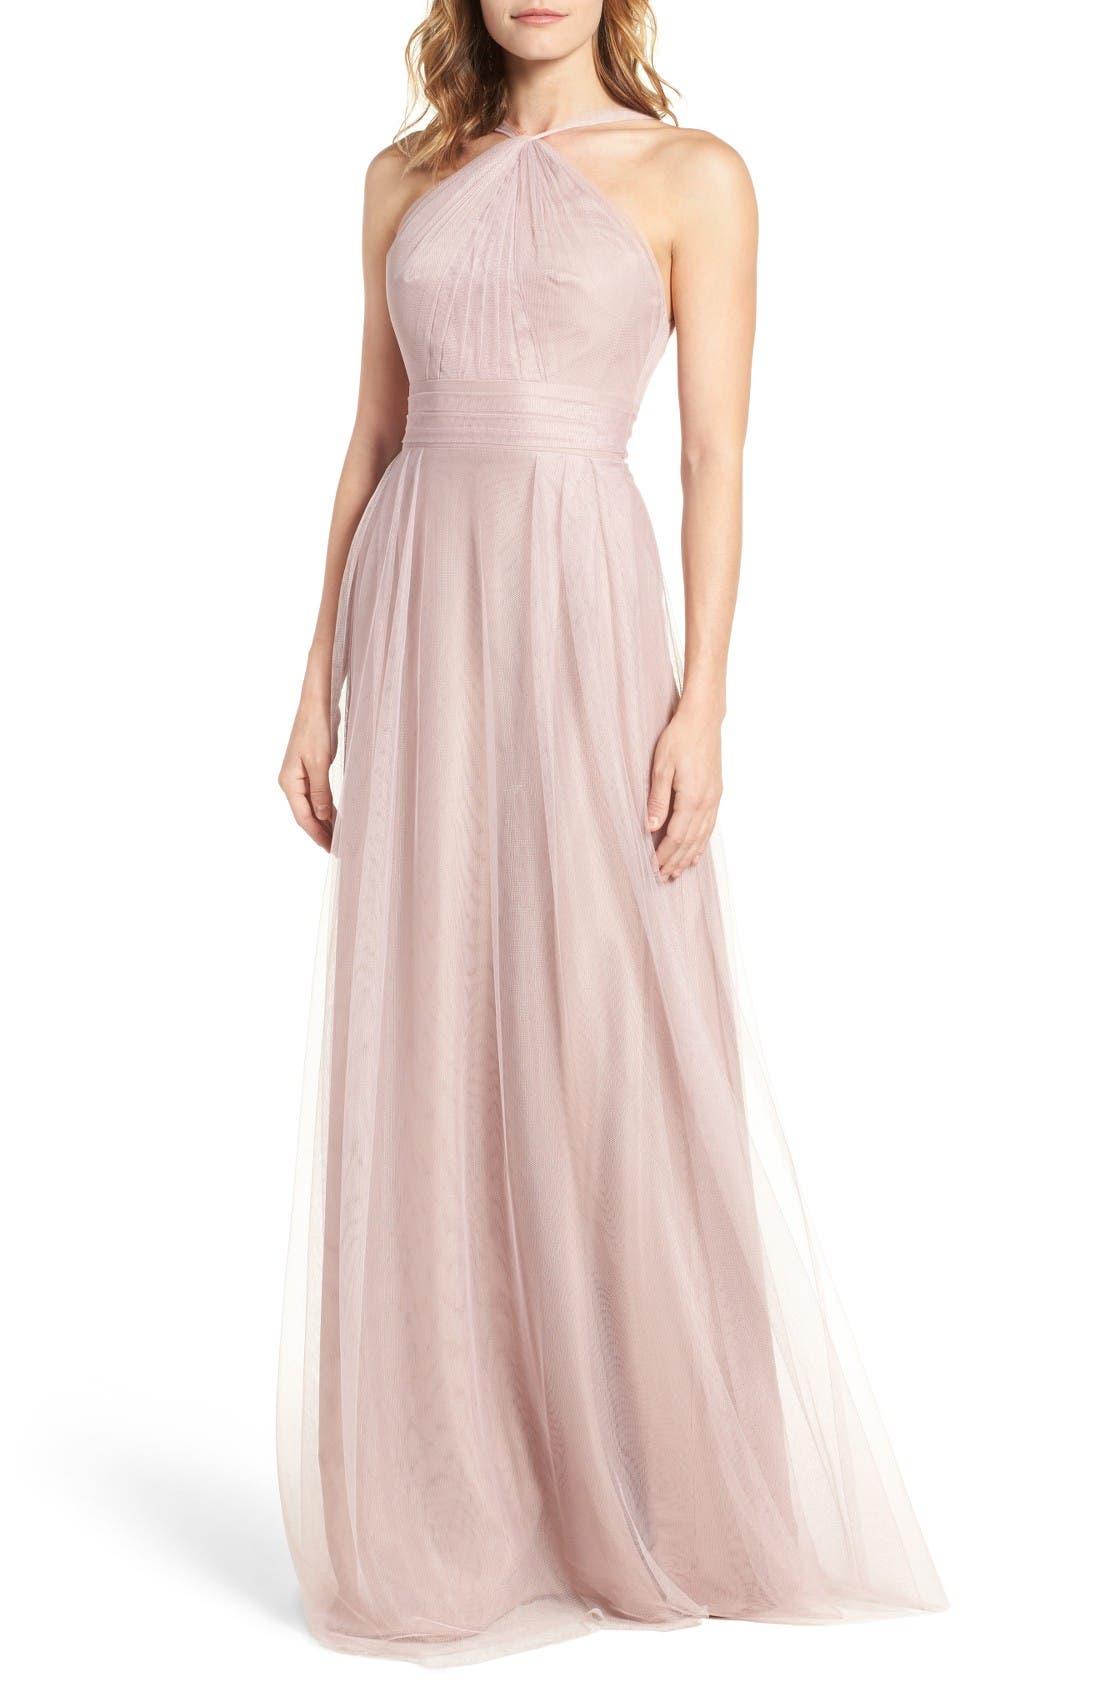 MONIQUE LHUILLIER BRIDESMAIDS Tulle Halter Style Gown